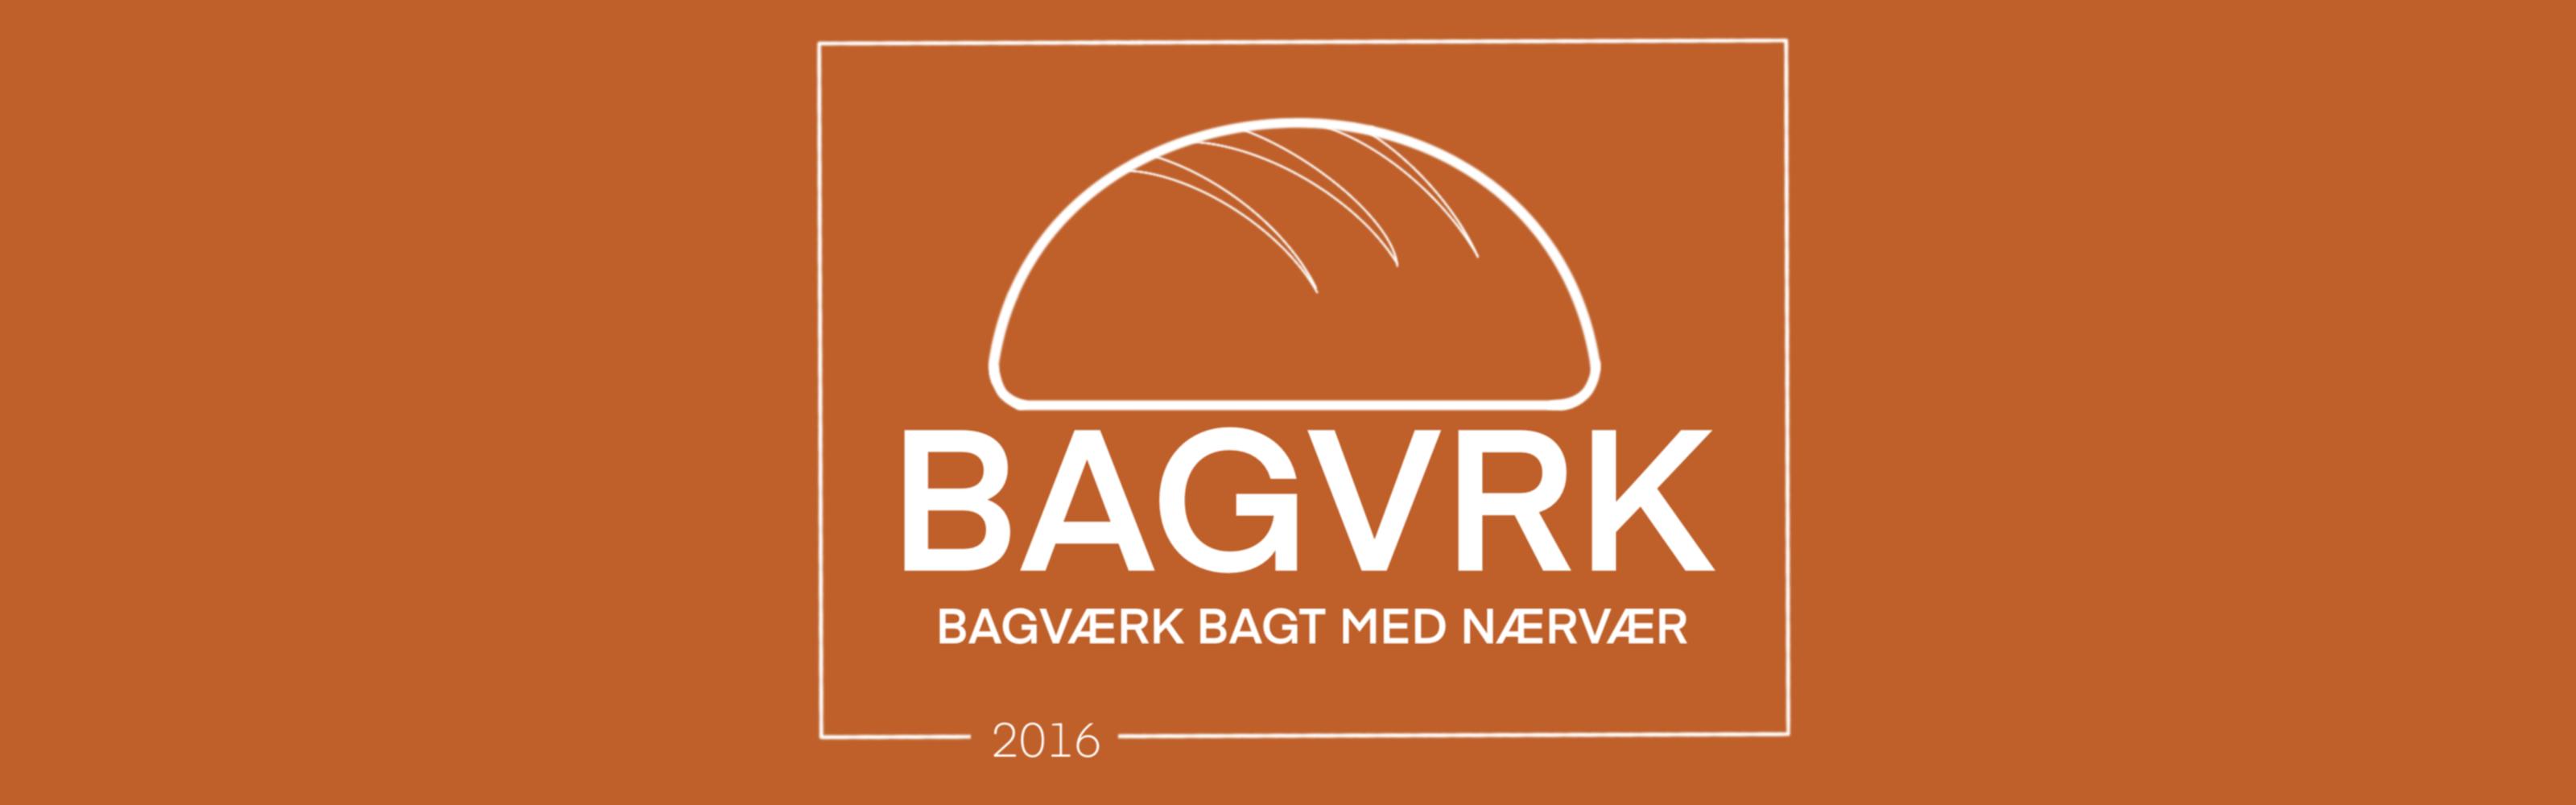 Bagvrk.dk